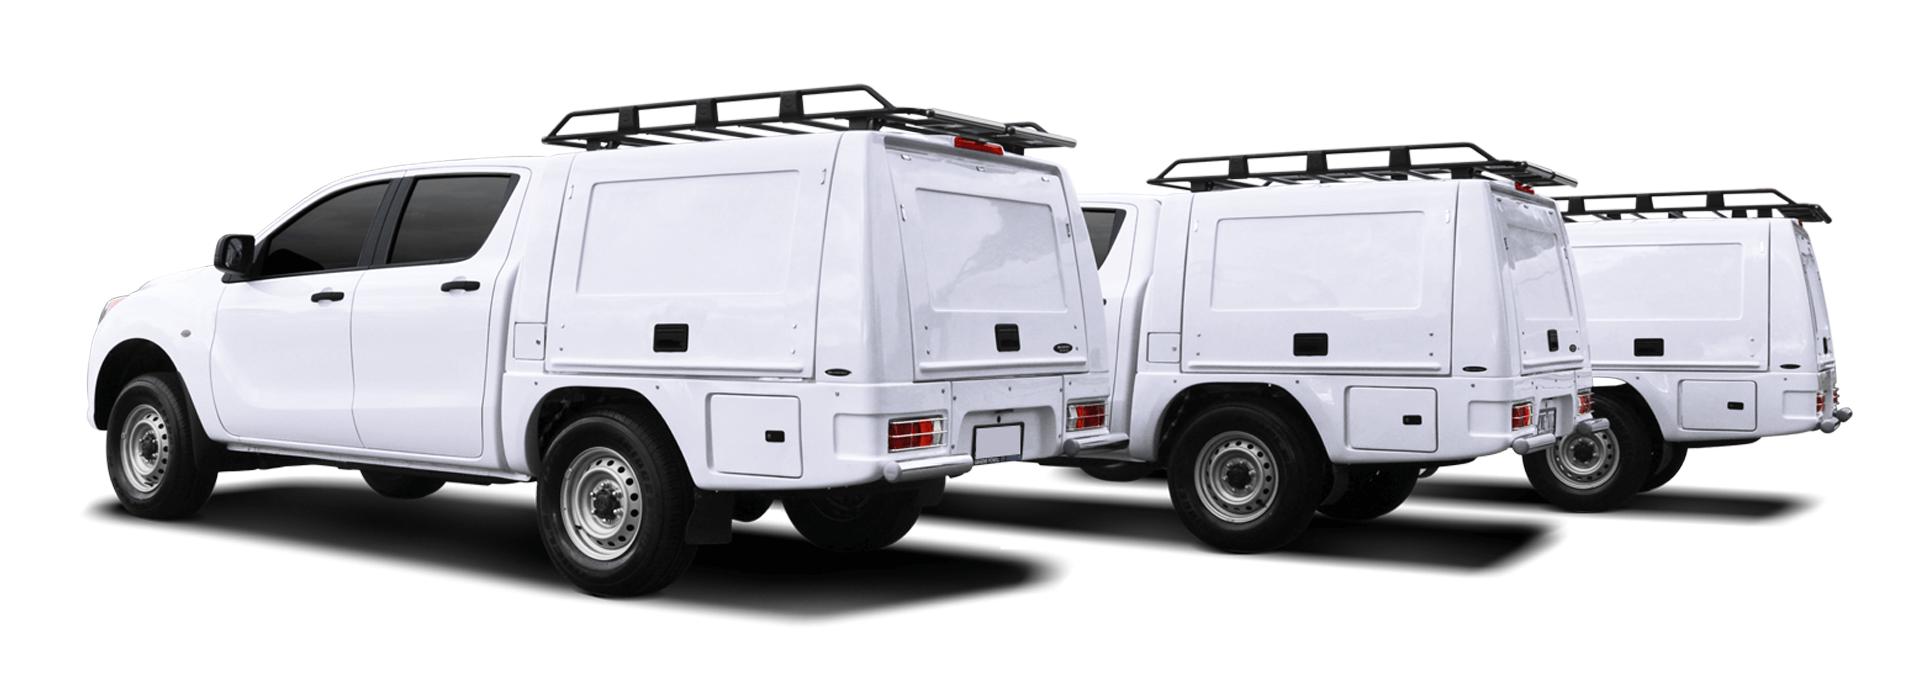 CARRYBOY Pickup Kofferaufbauten Ladefläche oder geschlossen